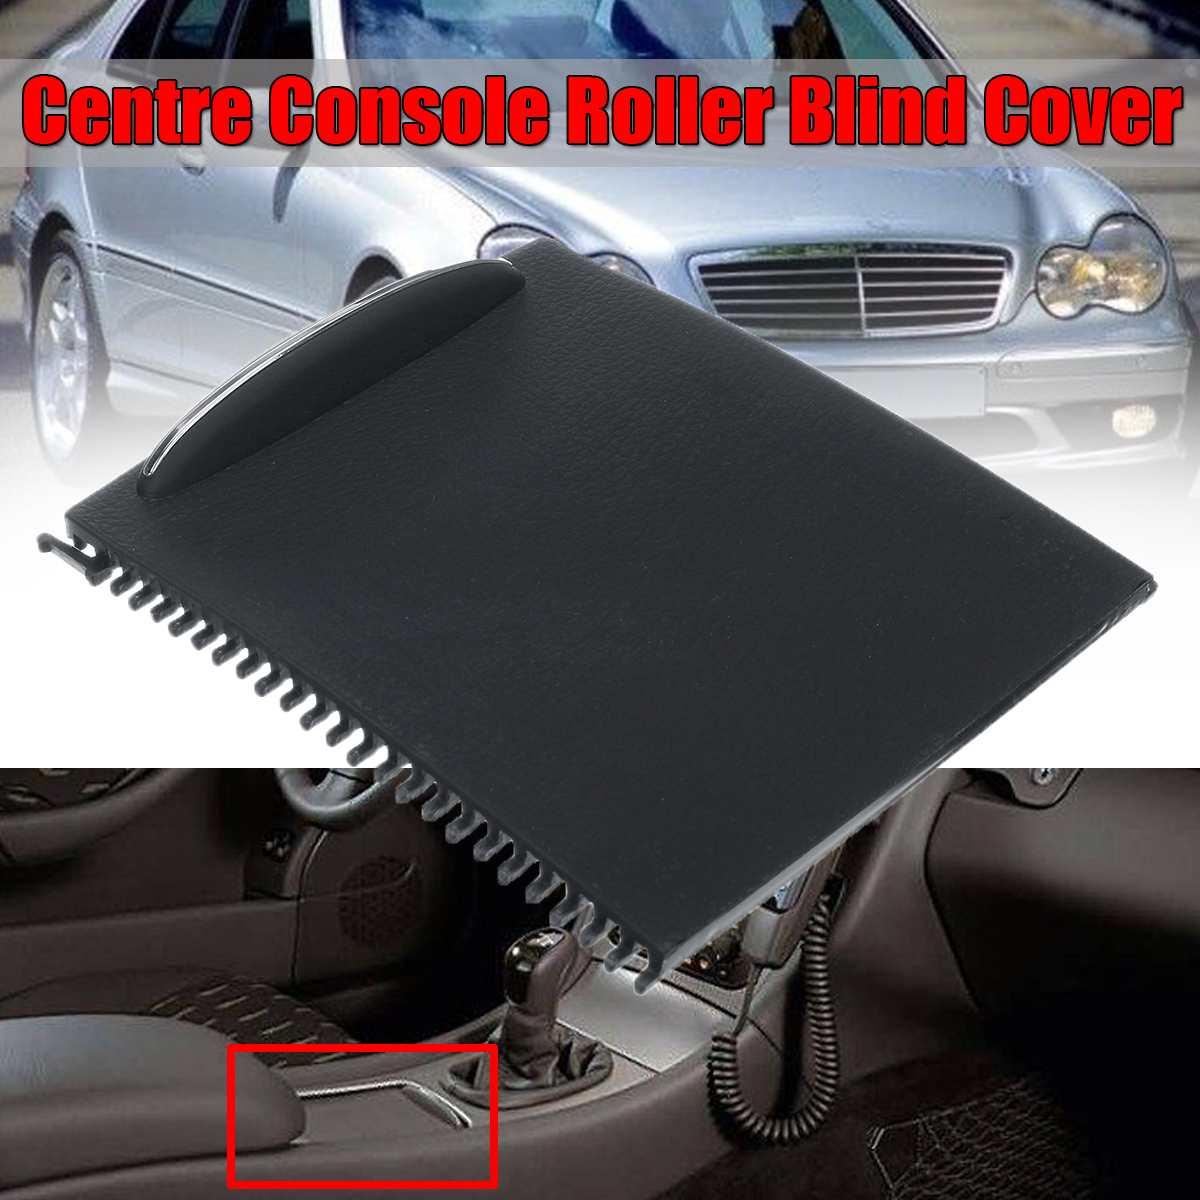 Nieuwe Auto Innerlijke Centre Console Dia Roller Blind Cover Voor Mercedes Benz C-Klasse W203 2000-2007 auto Water Bekerhouder Opslag